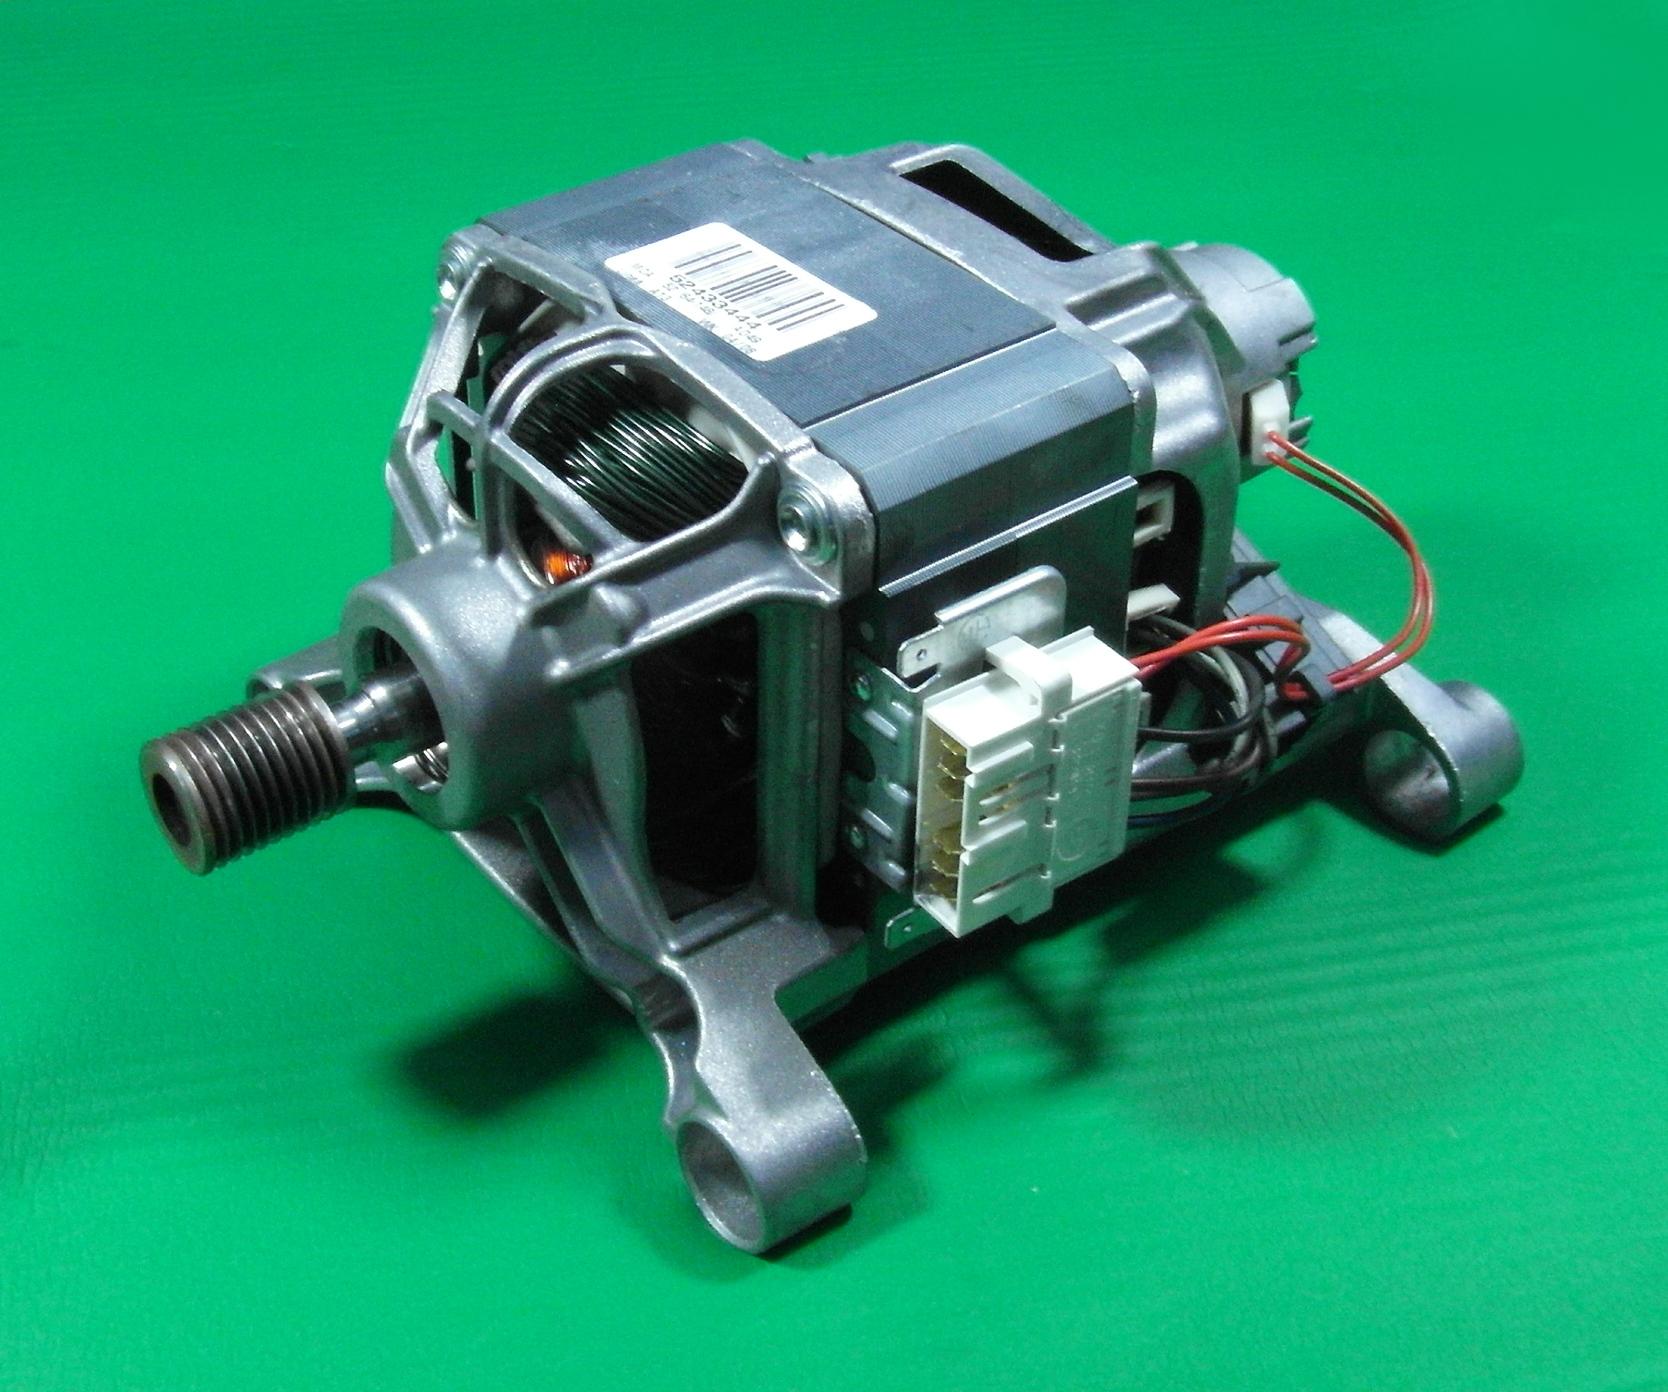 Indesit IWME12 Washing Machine Motor C.E.SET MCA 52/64-148/AD49 160023319.00 Enlarged Preview